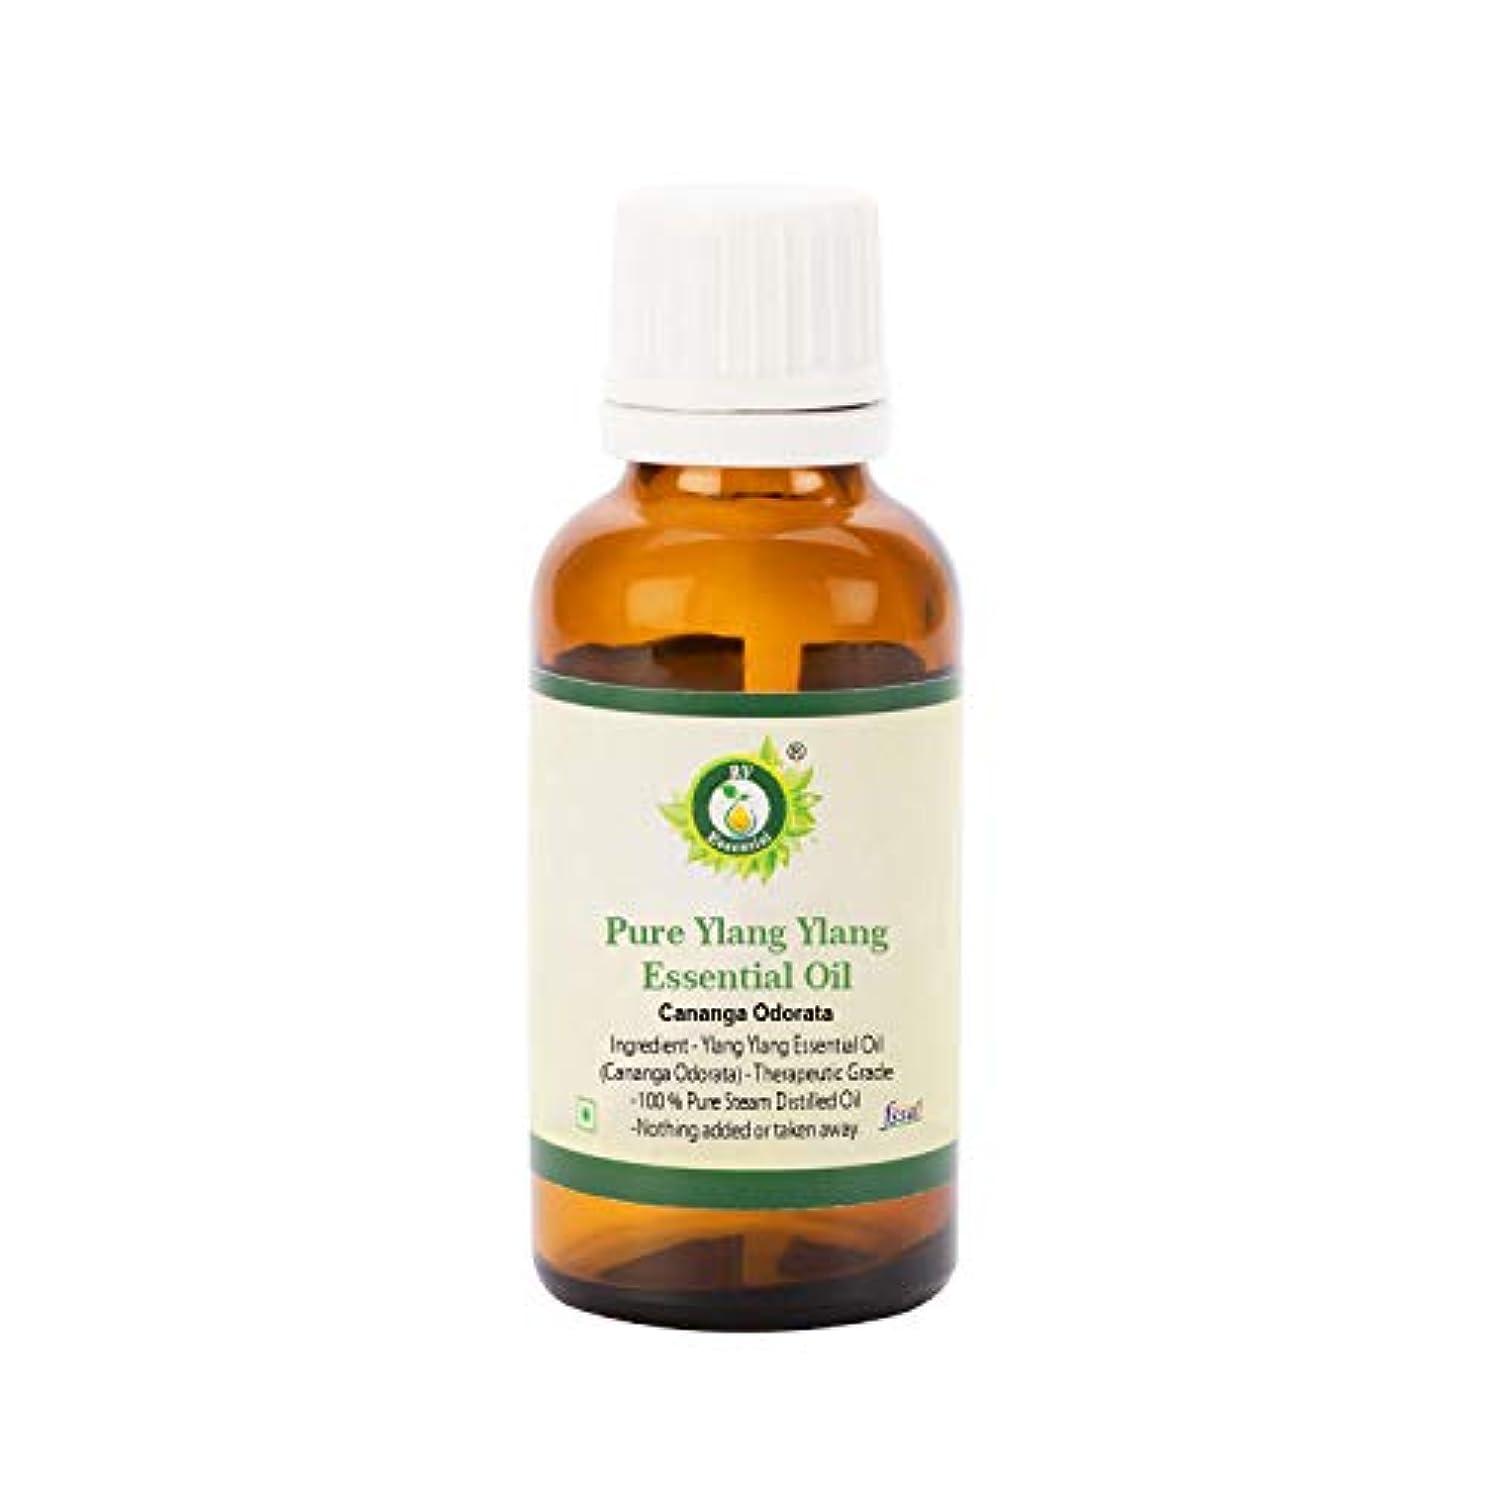 蘇生する前方へ啓示R V Essential ピュアイランイランエッセンシャルオイル10ml (0.338oz)- Cananga Odorata (100%純粋&天然スチームDistilled) Pure Ylang Ylang Essential Oil